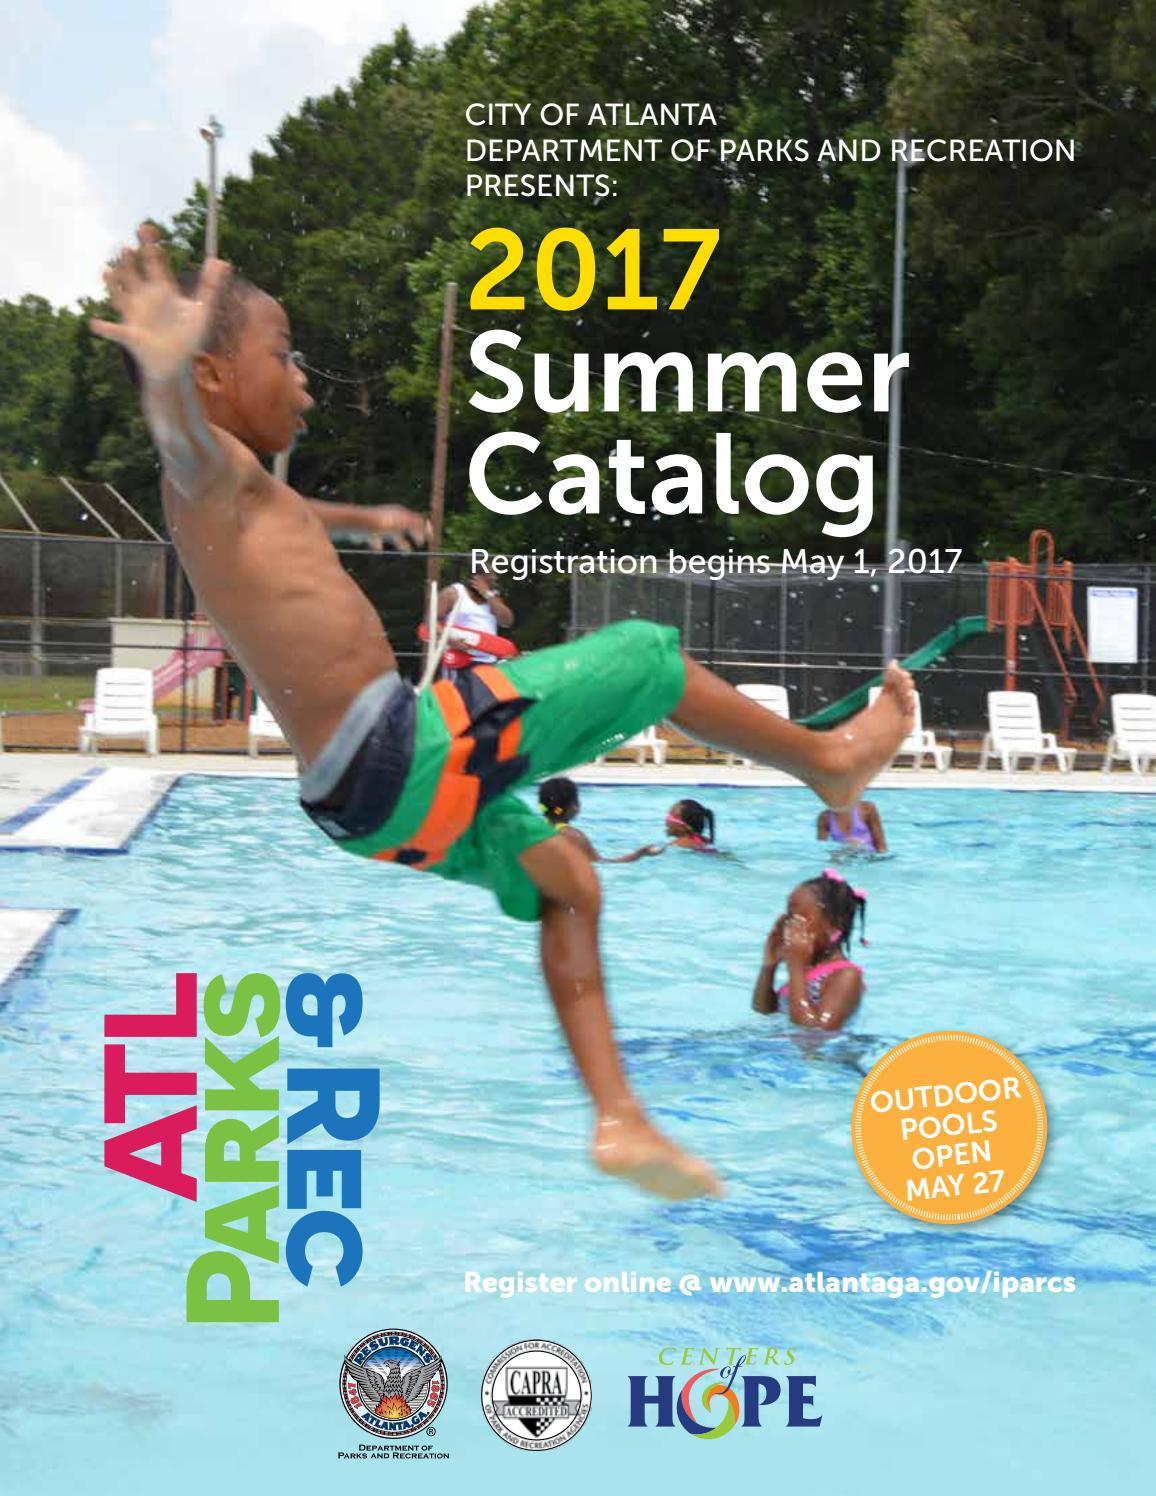 ATL Parks Rec Summer 2017 Catalog By Atlanta DPR